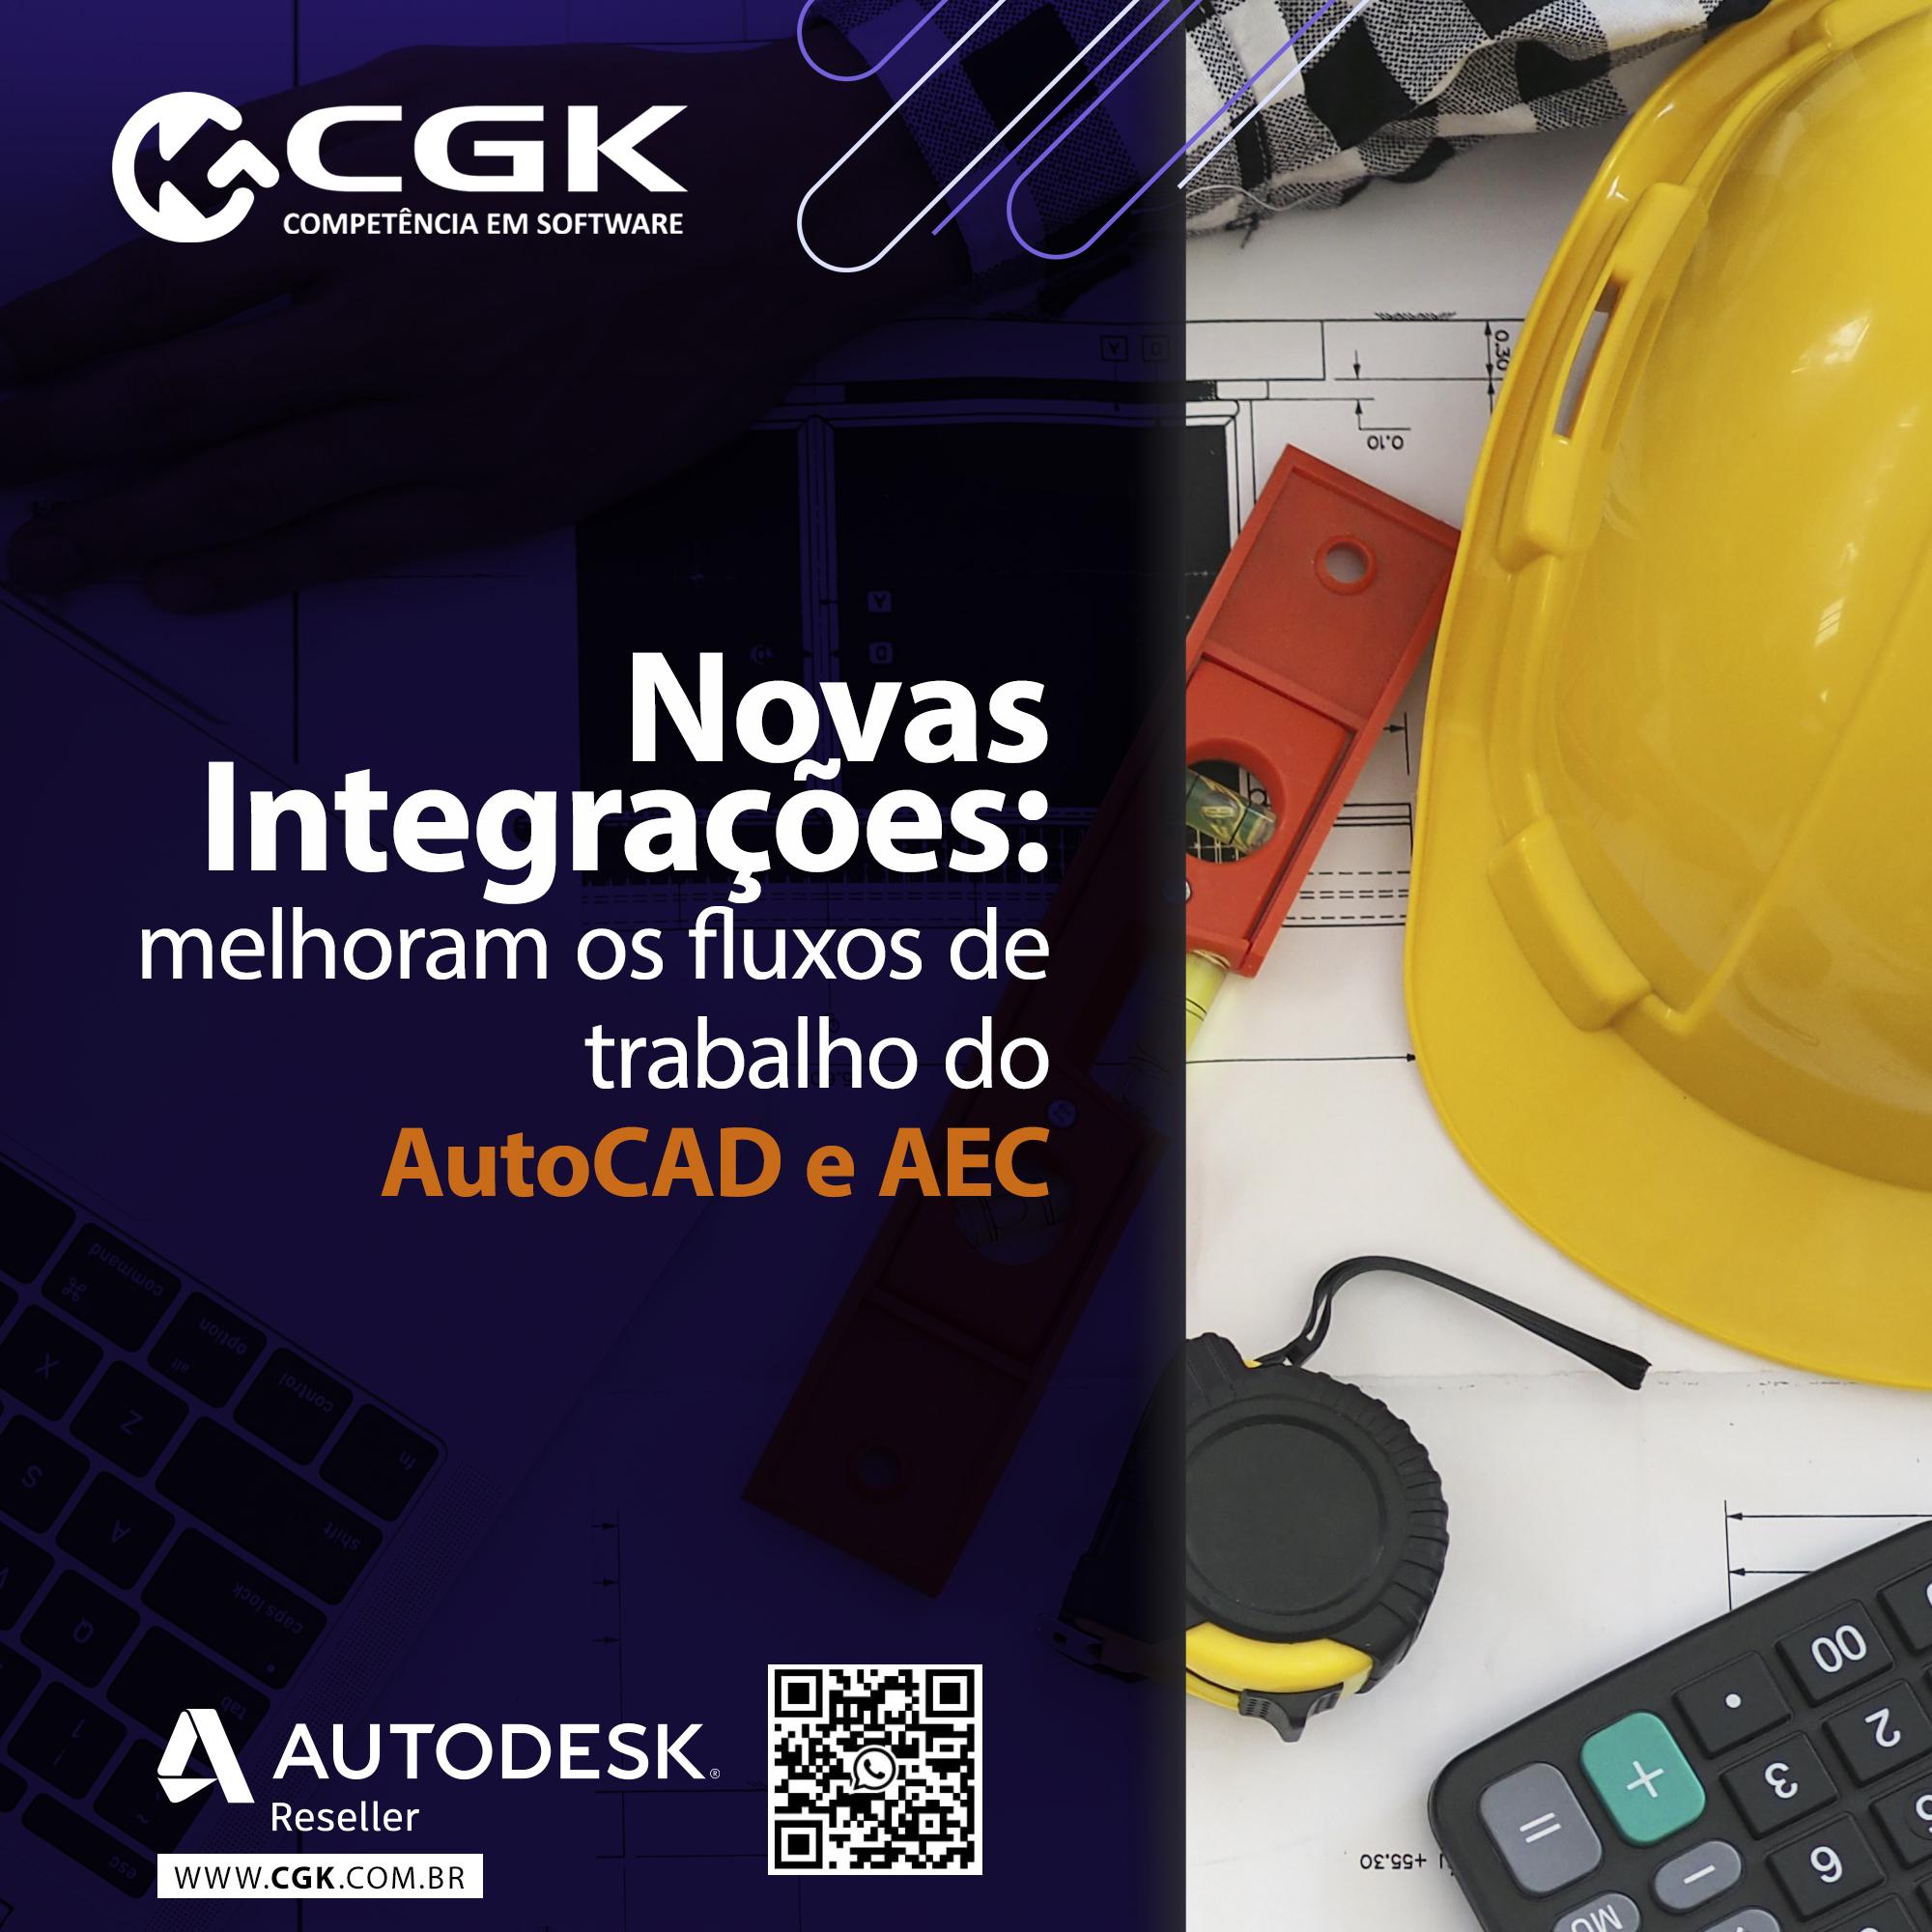 AutoCAD e AEC